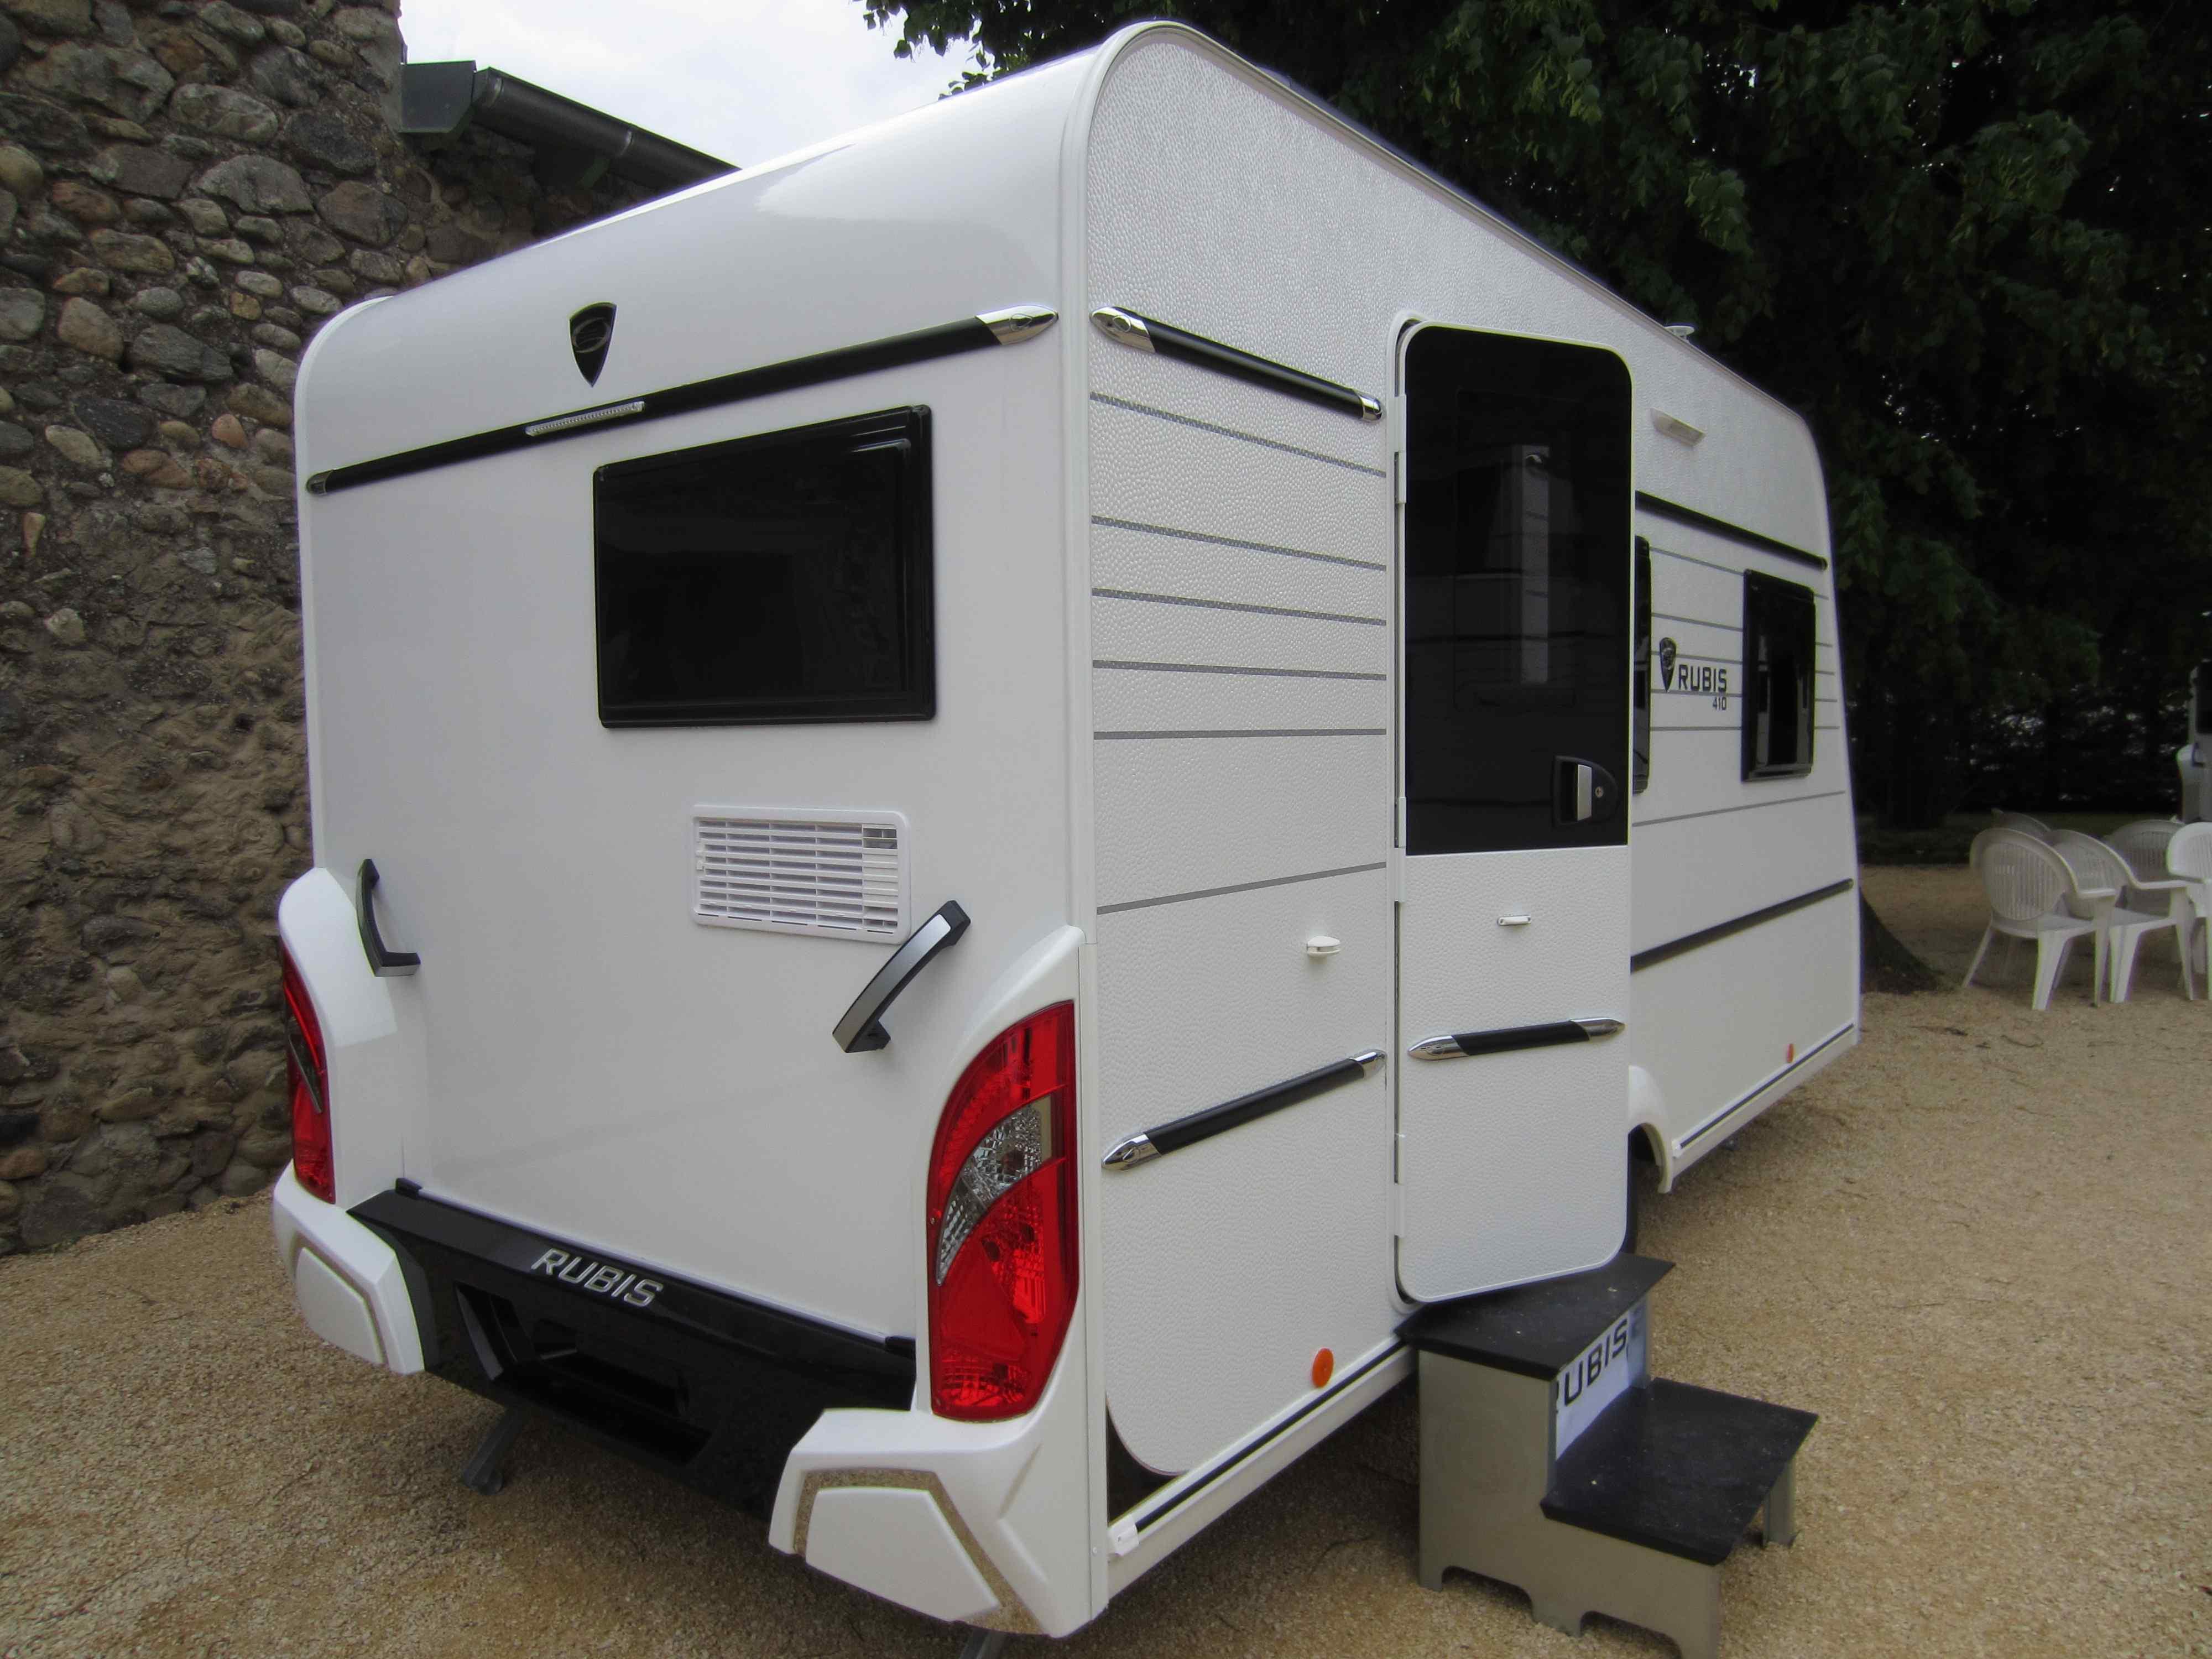 Rubis 410 modèle 2020 Fabre caravanes